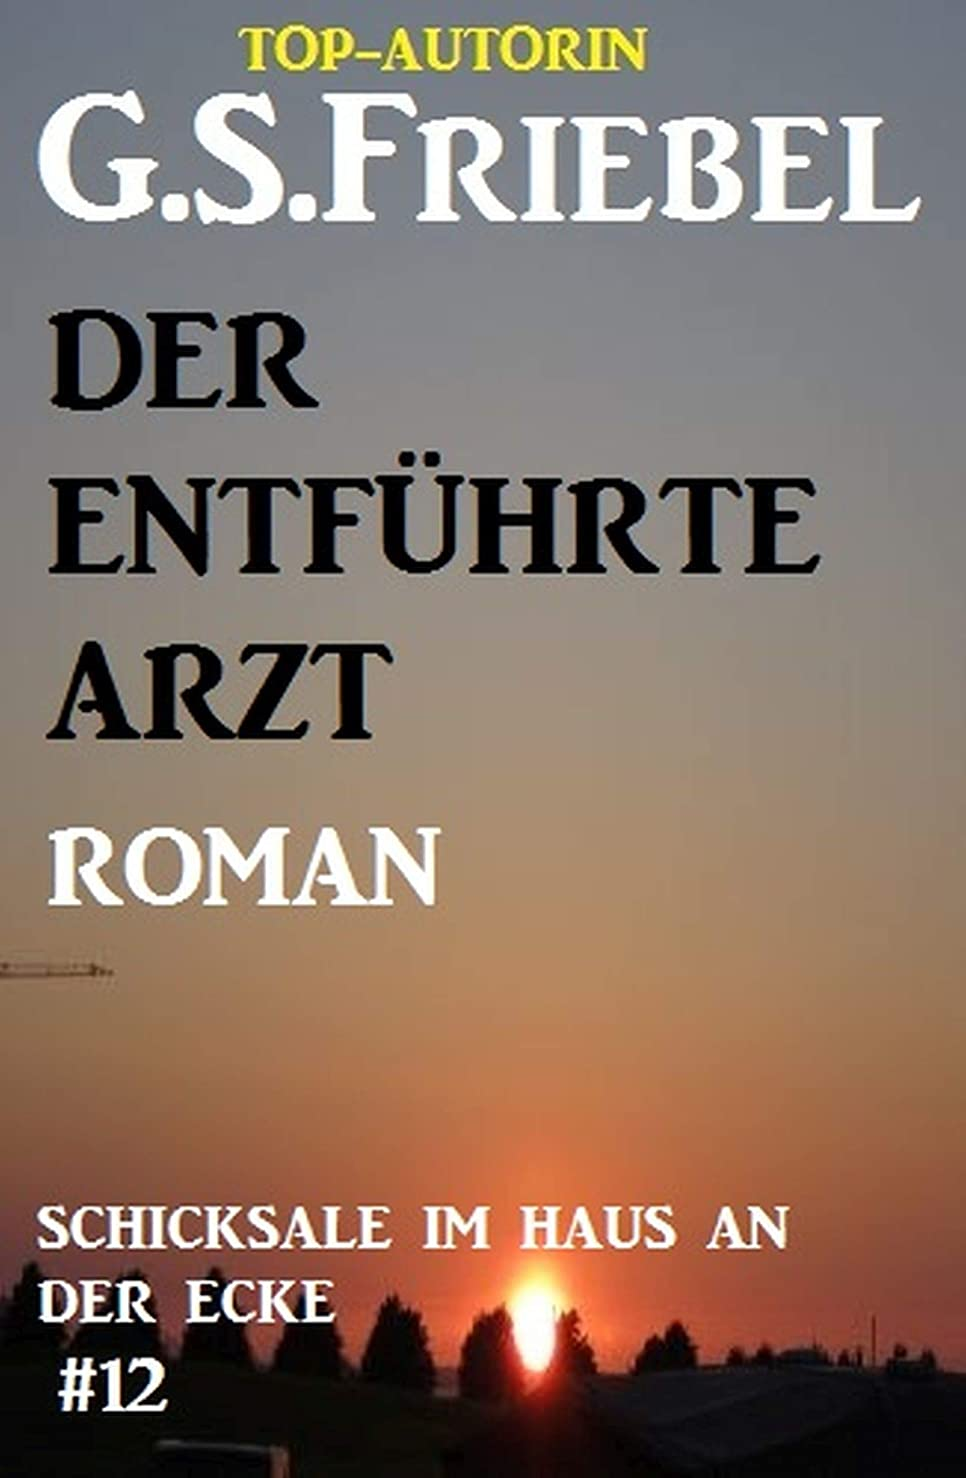 ストリームぐったりコンパニオンSchicksale im Haus an der Ecke #12: Der entführte Arzt (German Edition)